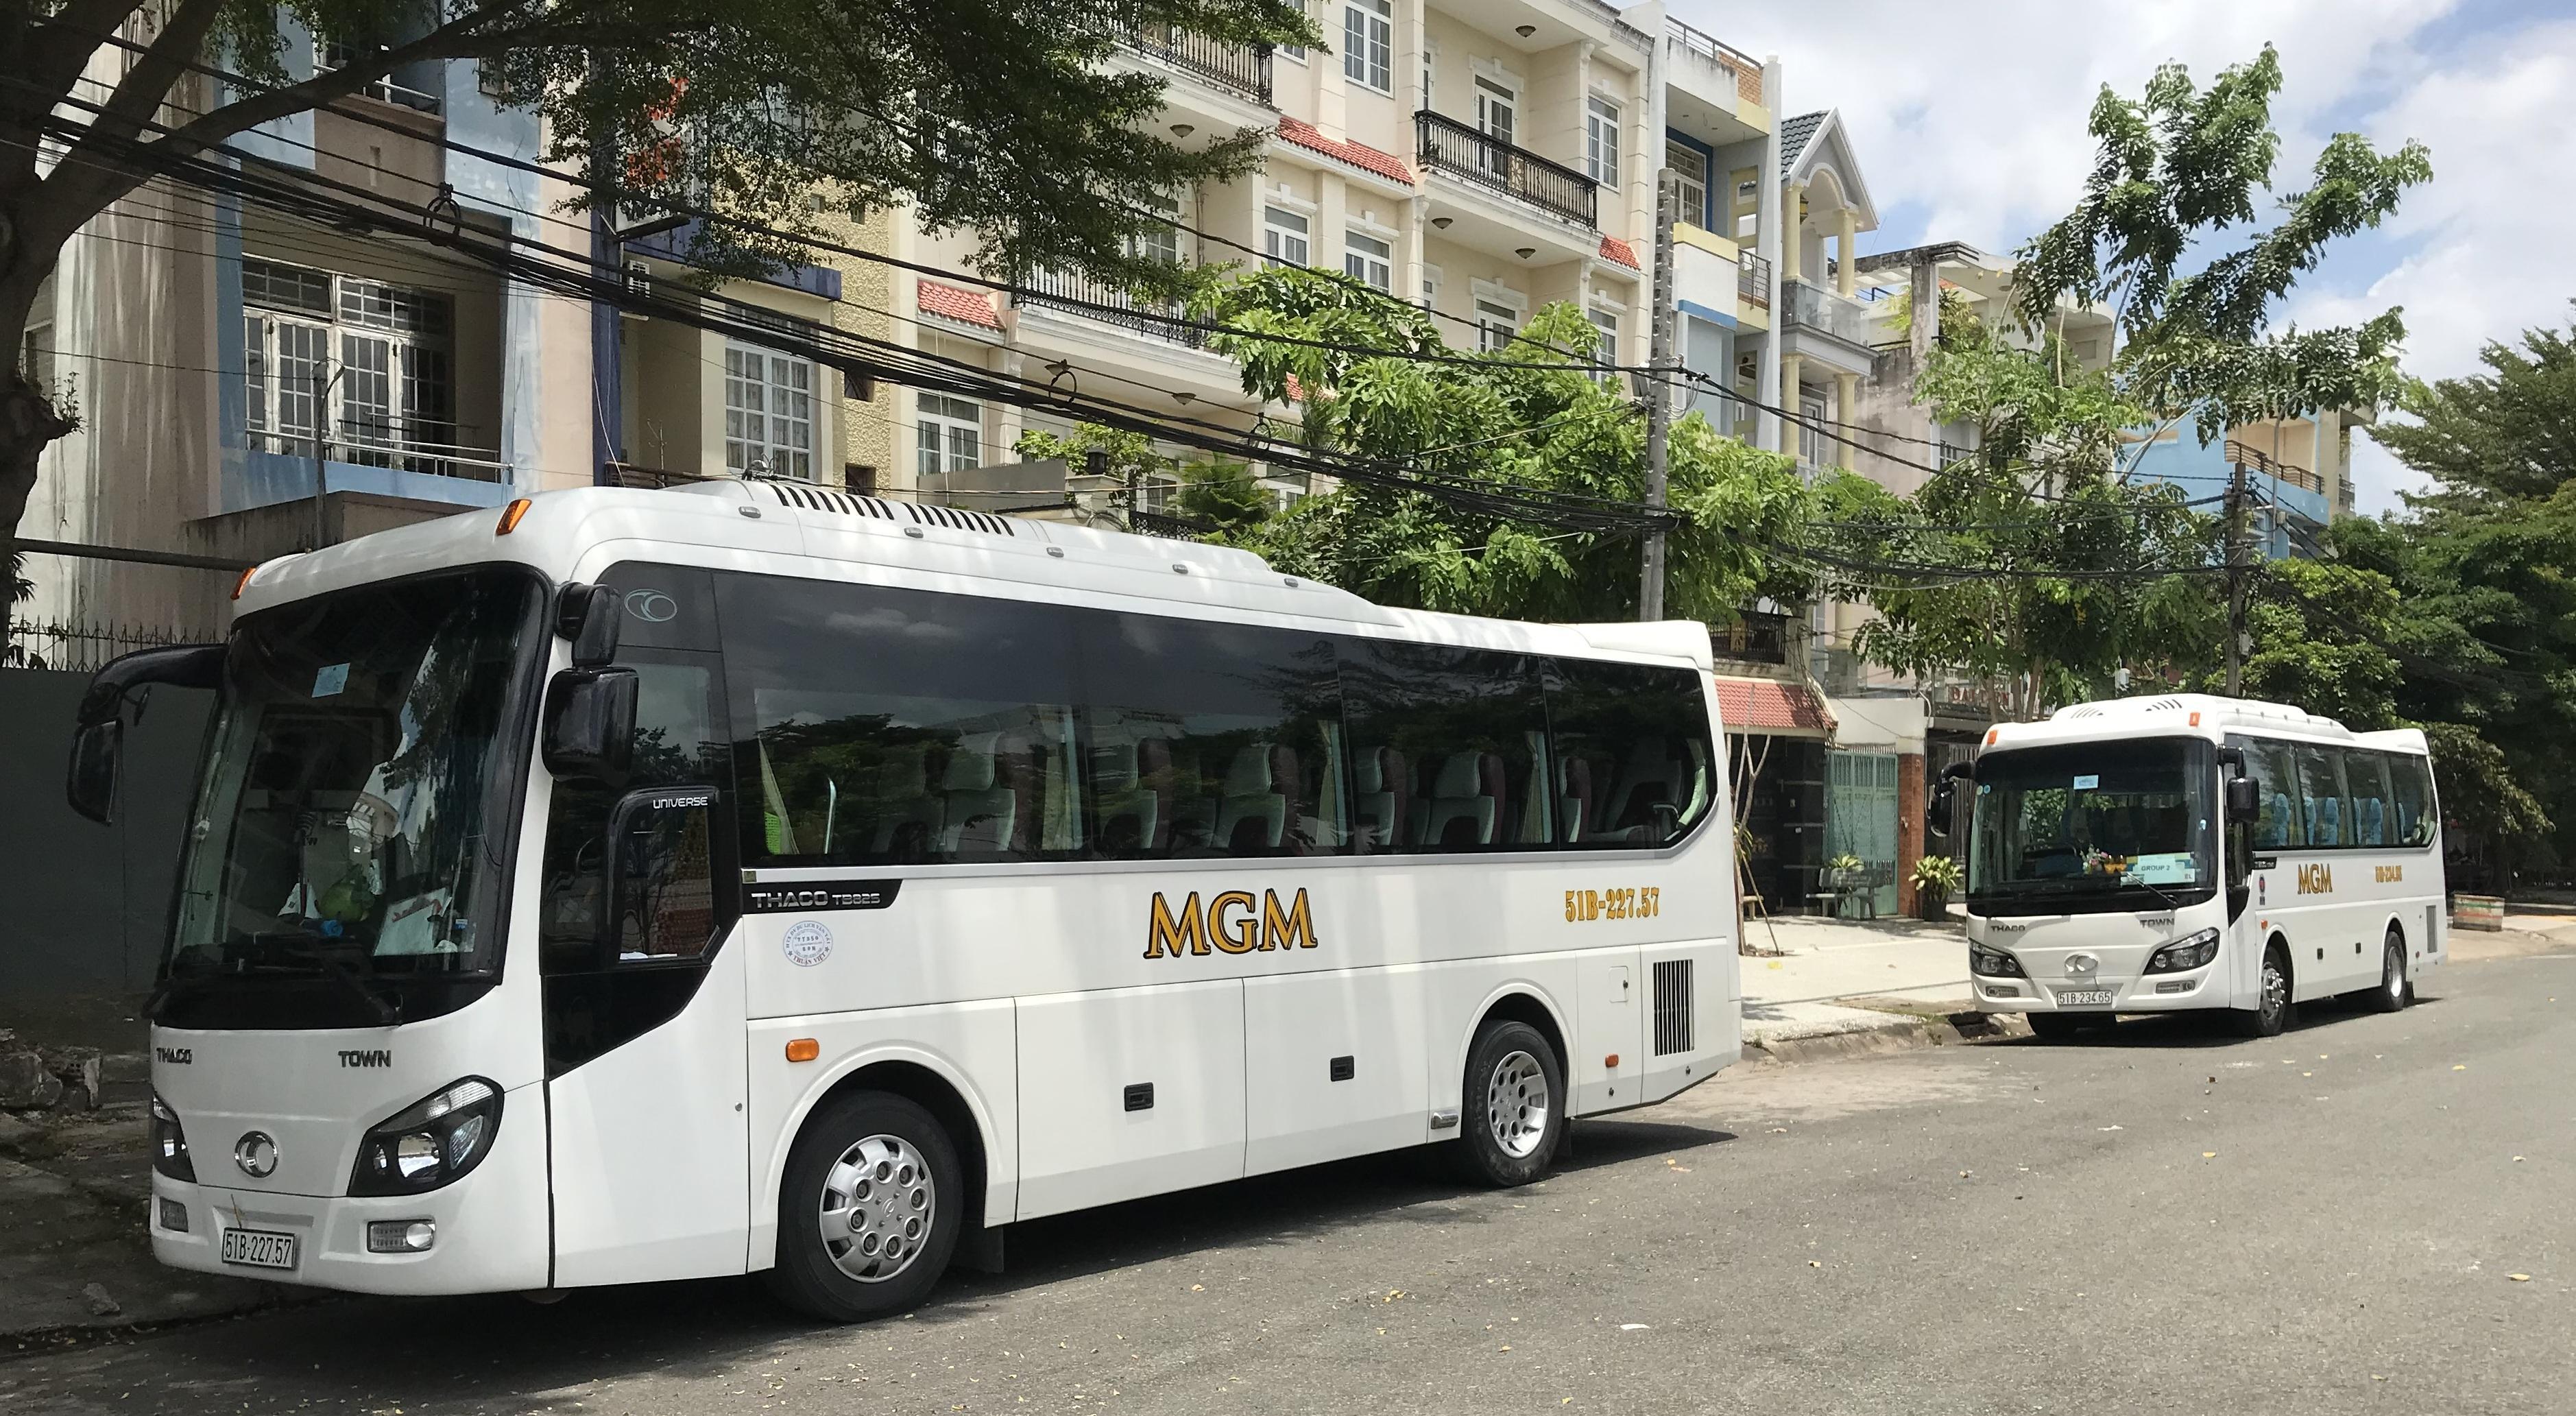 MGM car công khai, minh bạch hợp đồng và phương thức tính giá cũng như cam kết tuân thủ mọi điều khoản, tránh phát sinh chi phí.